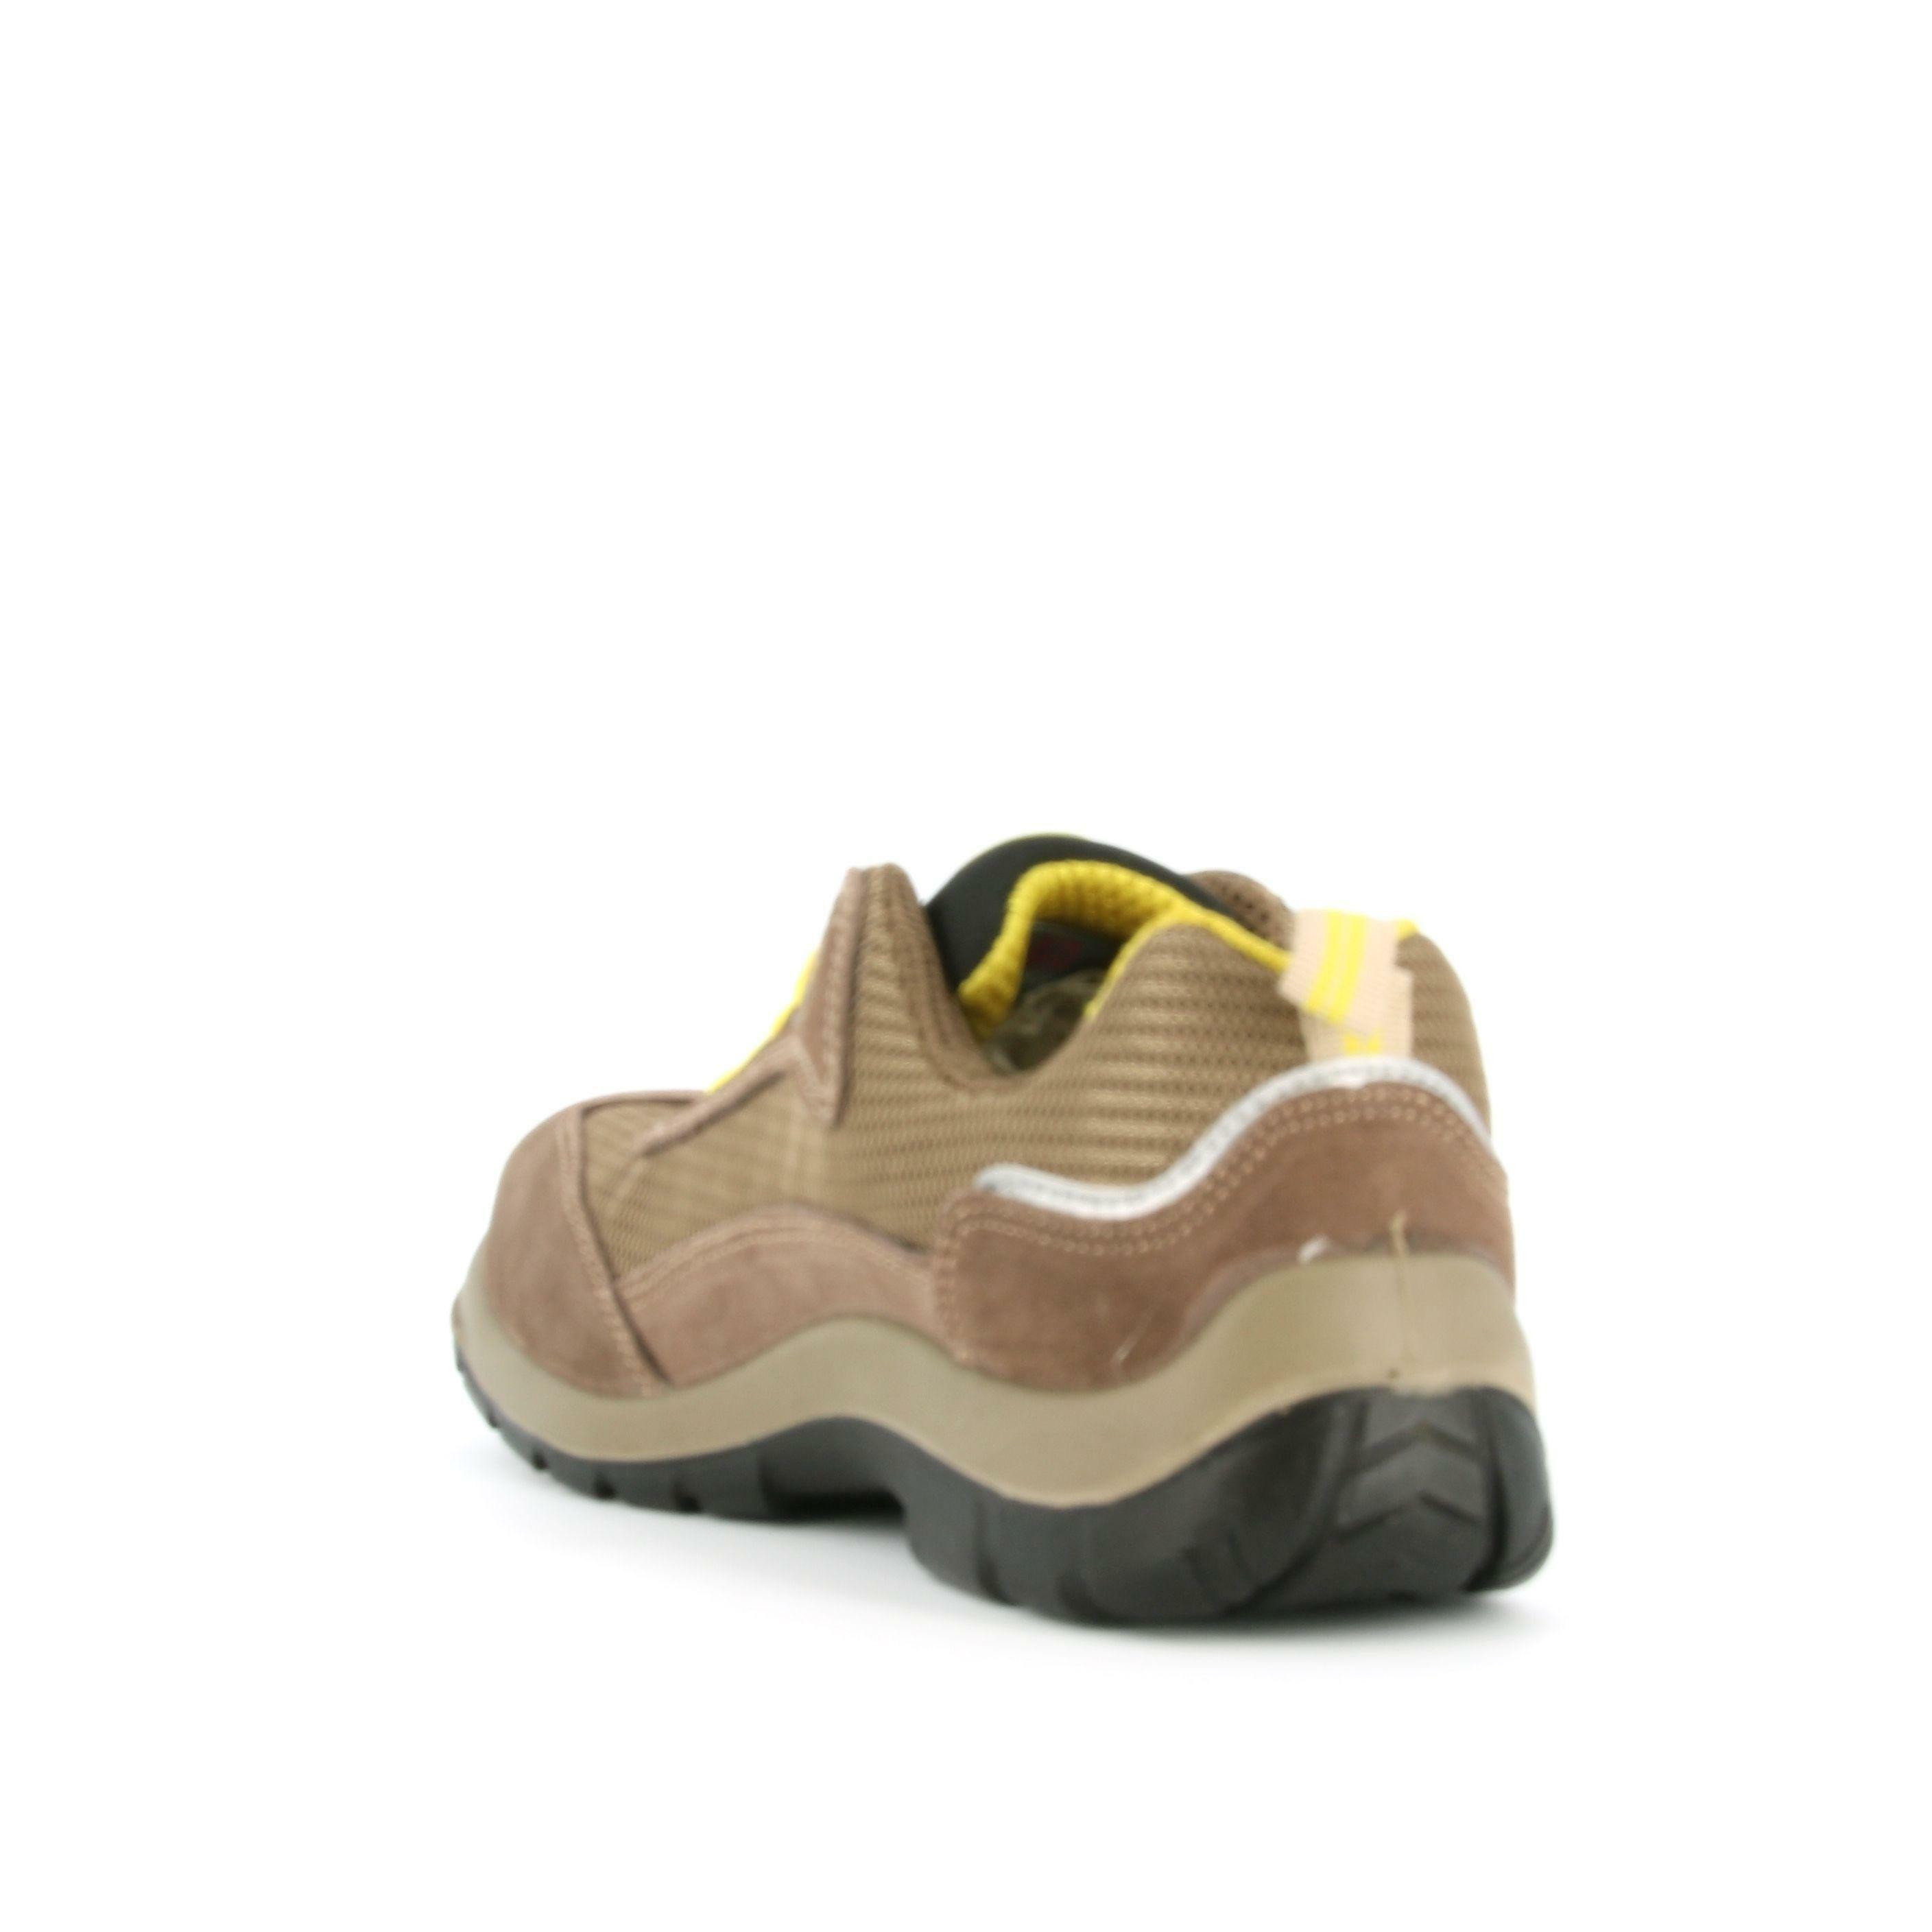 orma orma antinfortunio calz. bassa unisex 12201 s1p beige